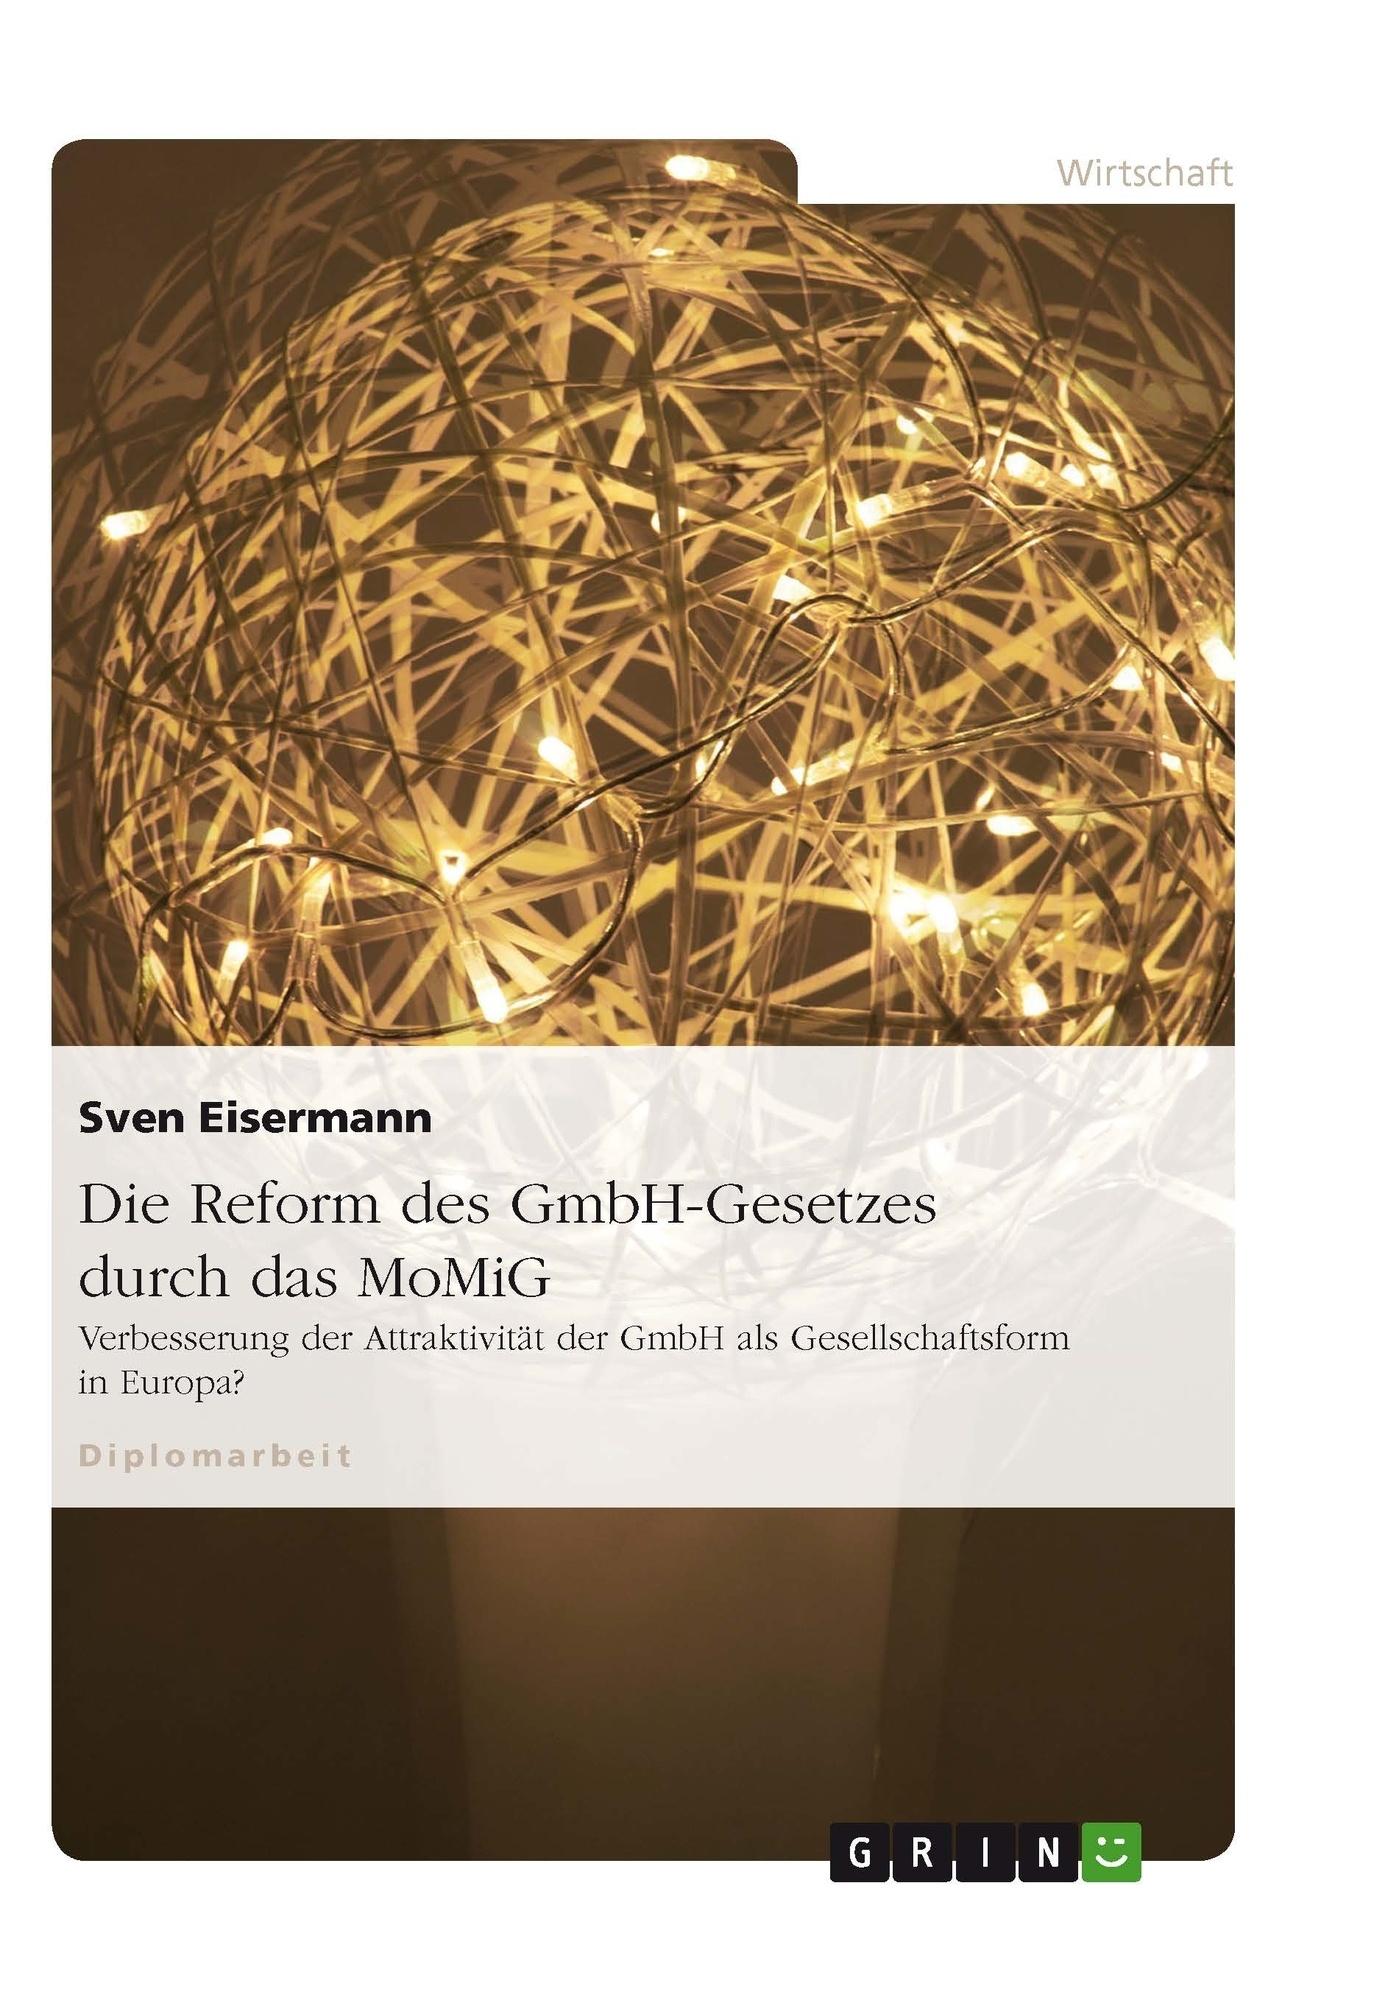 Titel: Die Reform des GmbH-Gesetzes durch das MoMiG